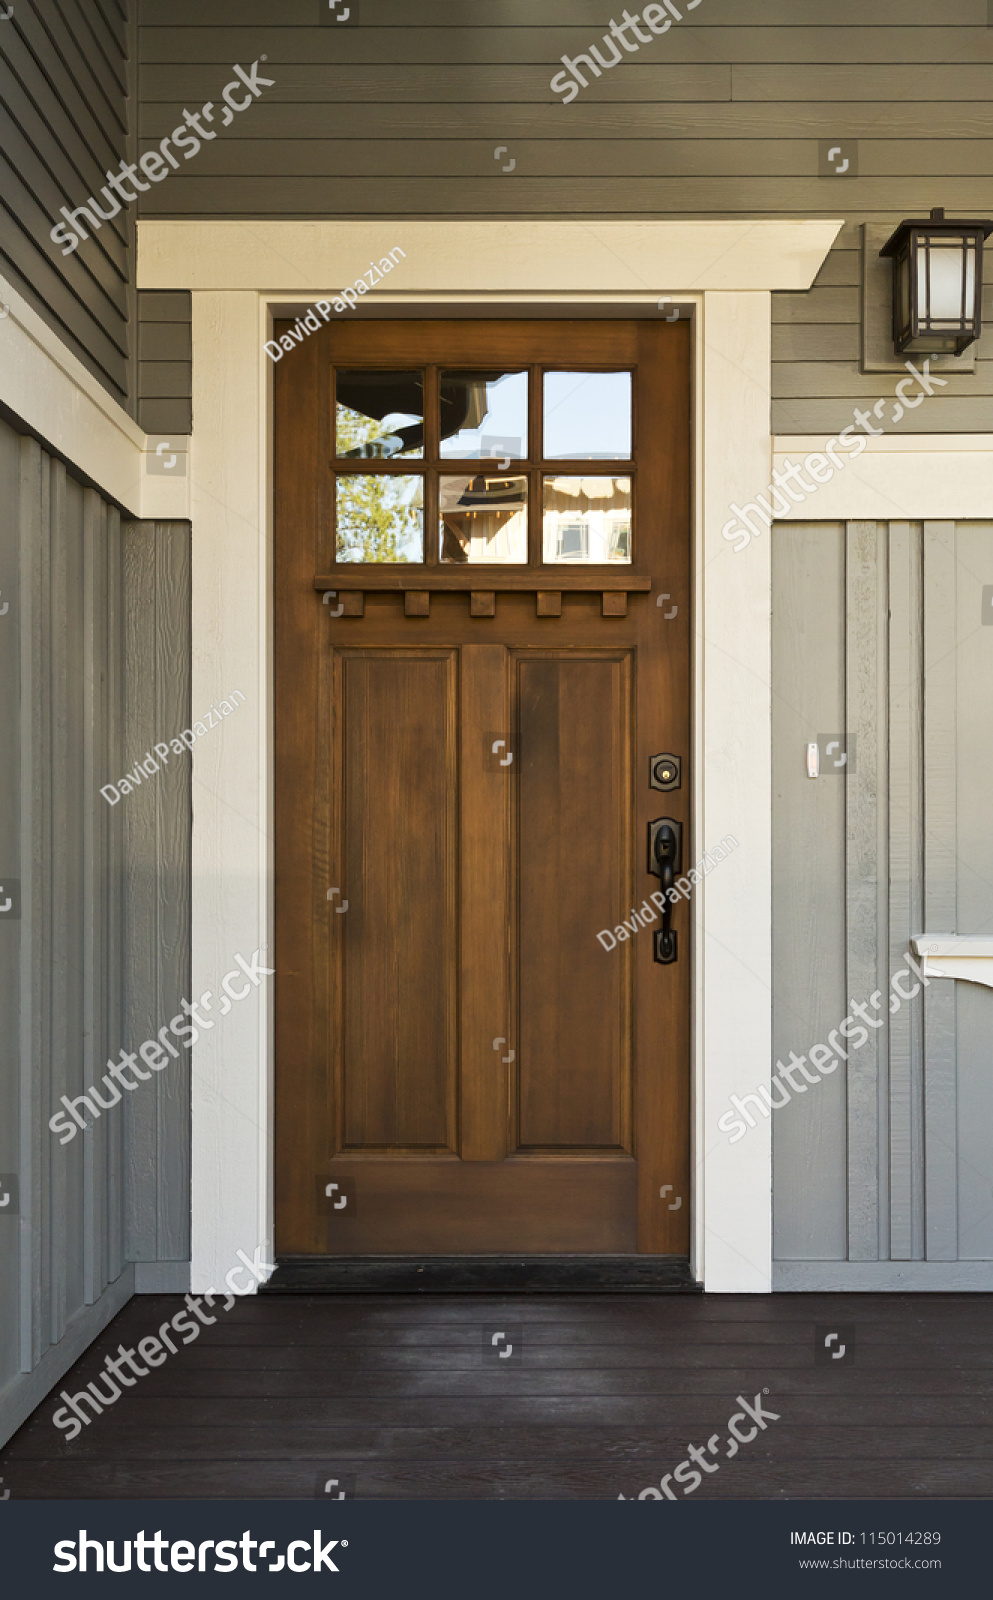 Dark Wood Front Door Home View Stock Photo 115014289